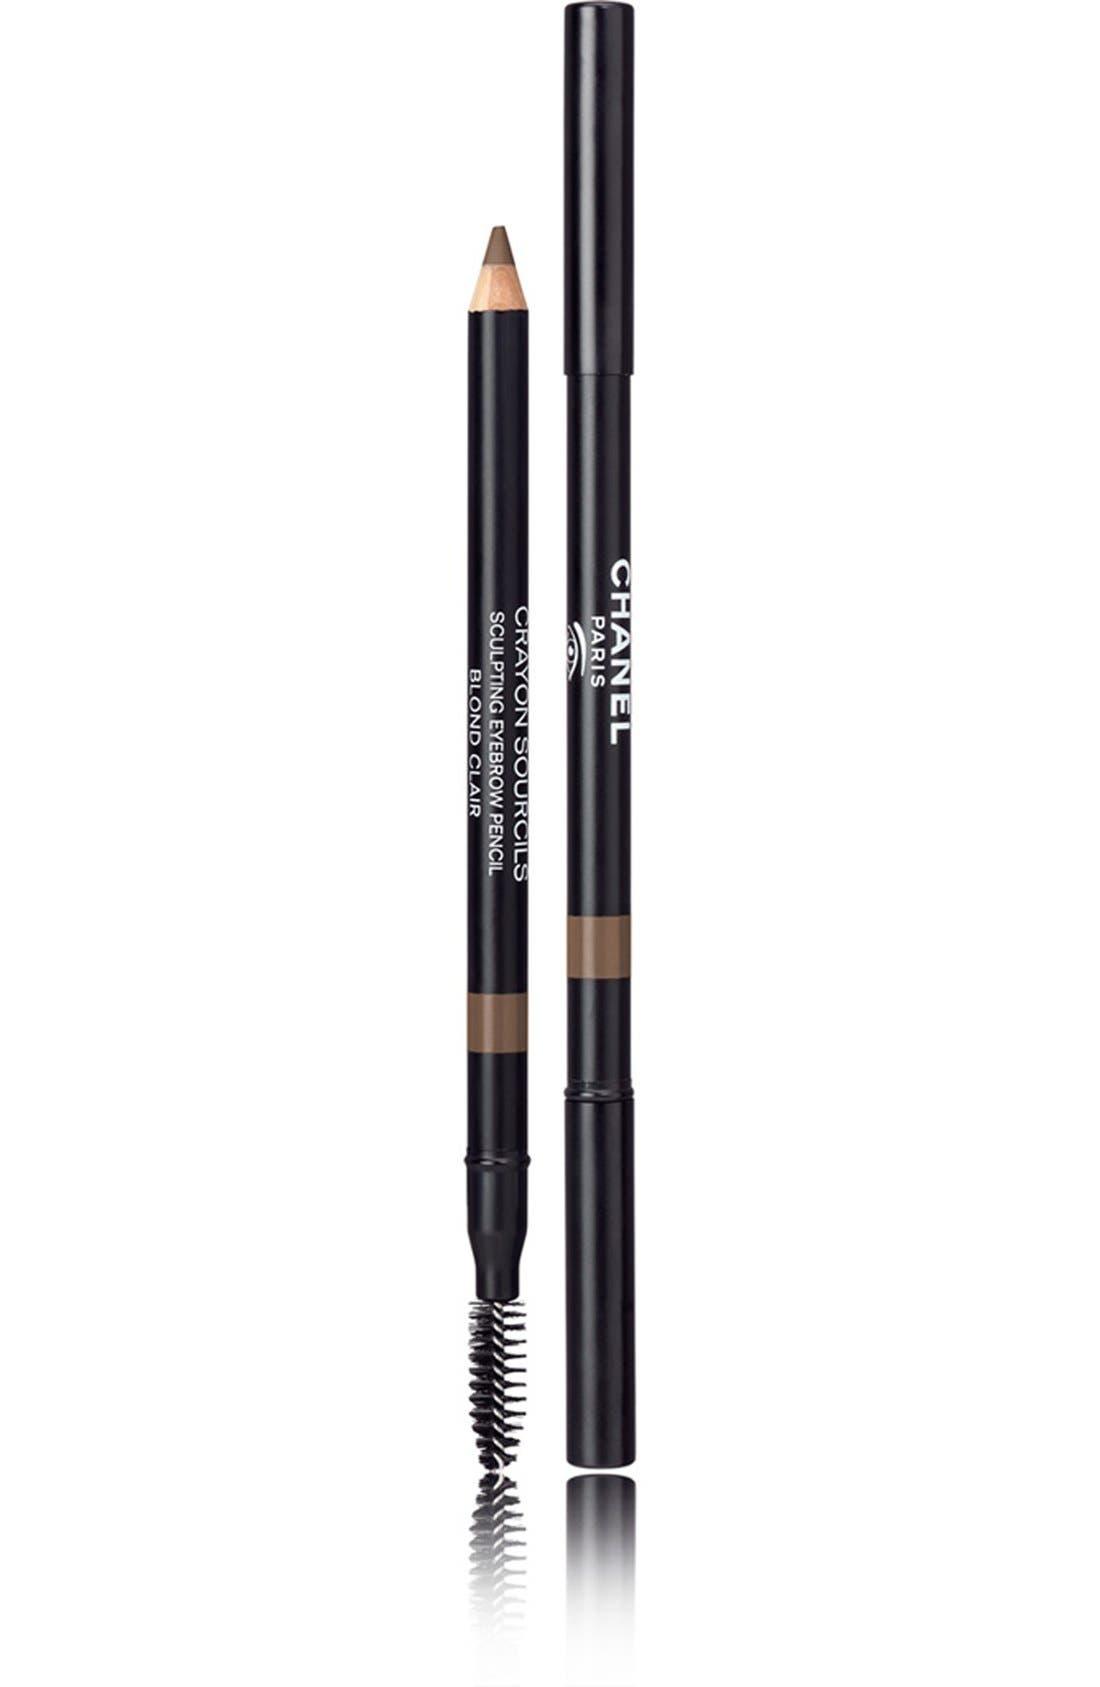 CRAYON SOURCILS<br />Sculpting Eyebrow Pencil,                             Main thumbnail 1, color,                             30 BRUN NATUREL